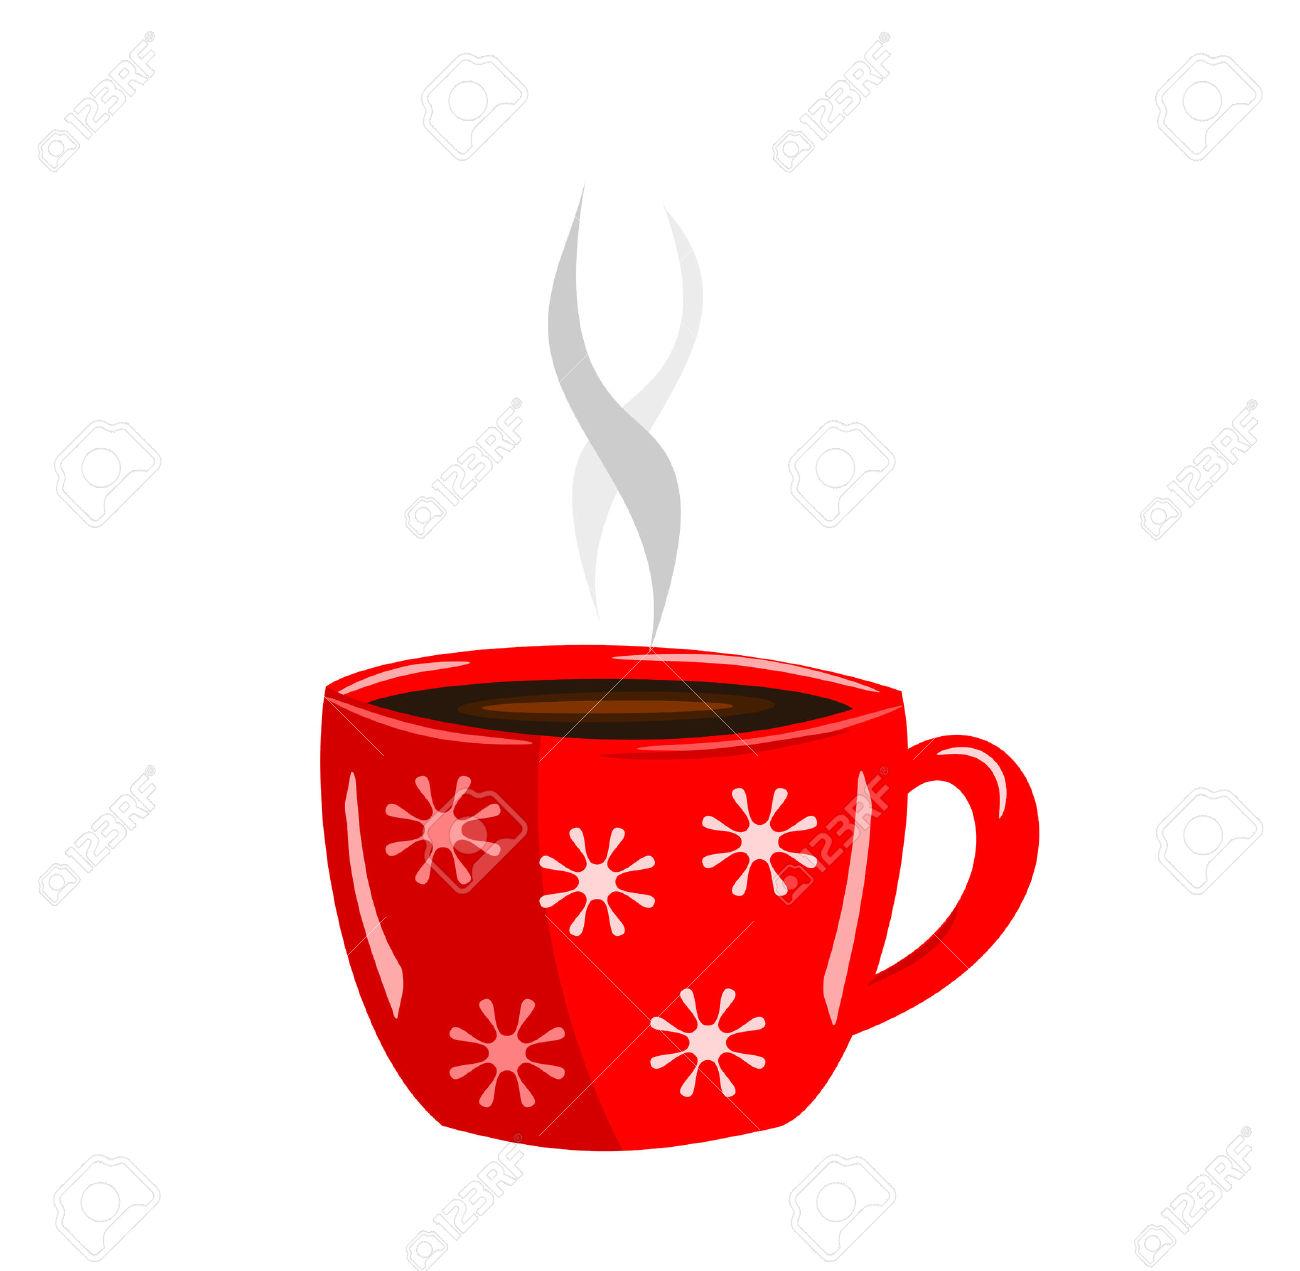 Hot Cocoa Clipart & Hot Cocoa Clip Art Images.